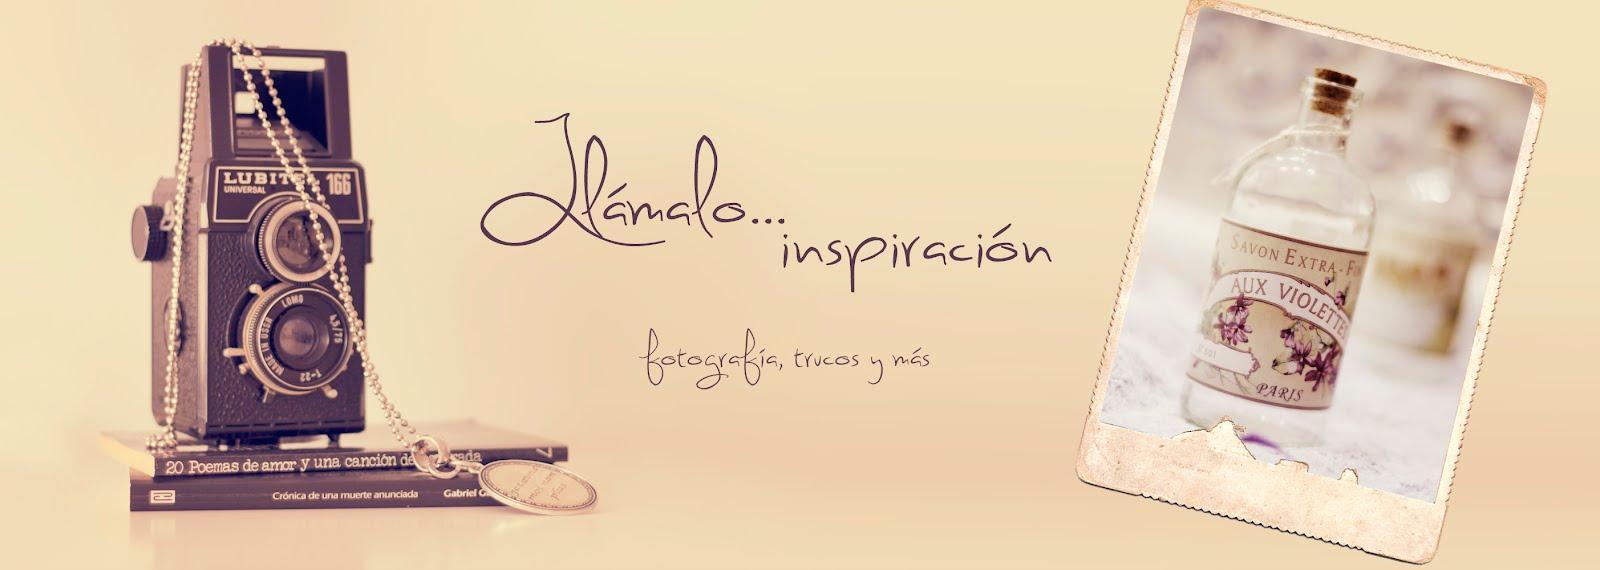 Llámalo... inspiración